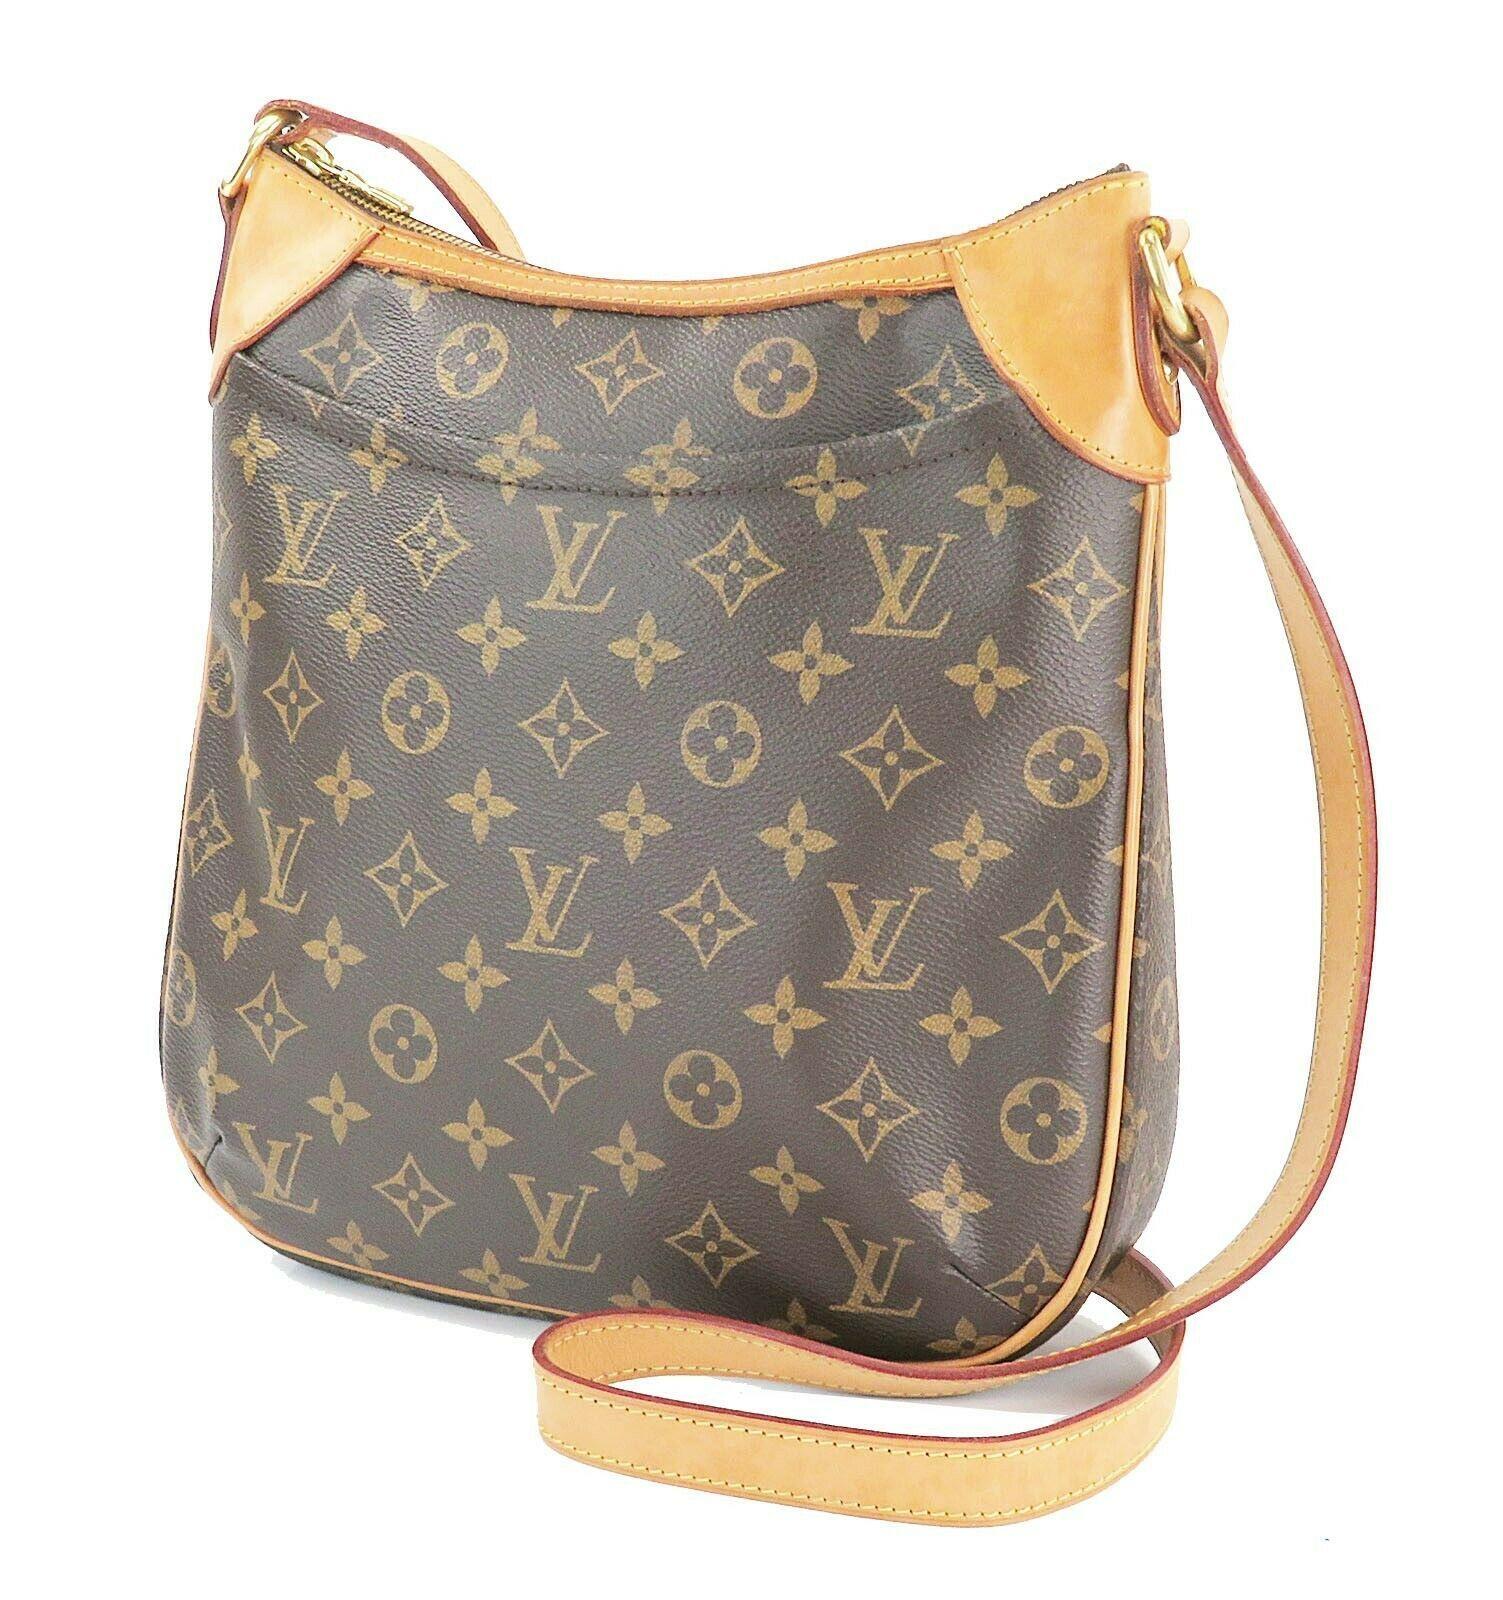 Authentic LOUIS VUITTON Odeon PM Monogram Shoulder Tote Bag Purse #32145